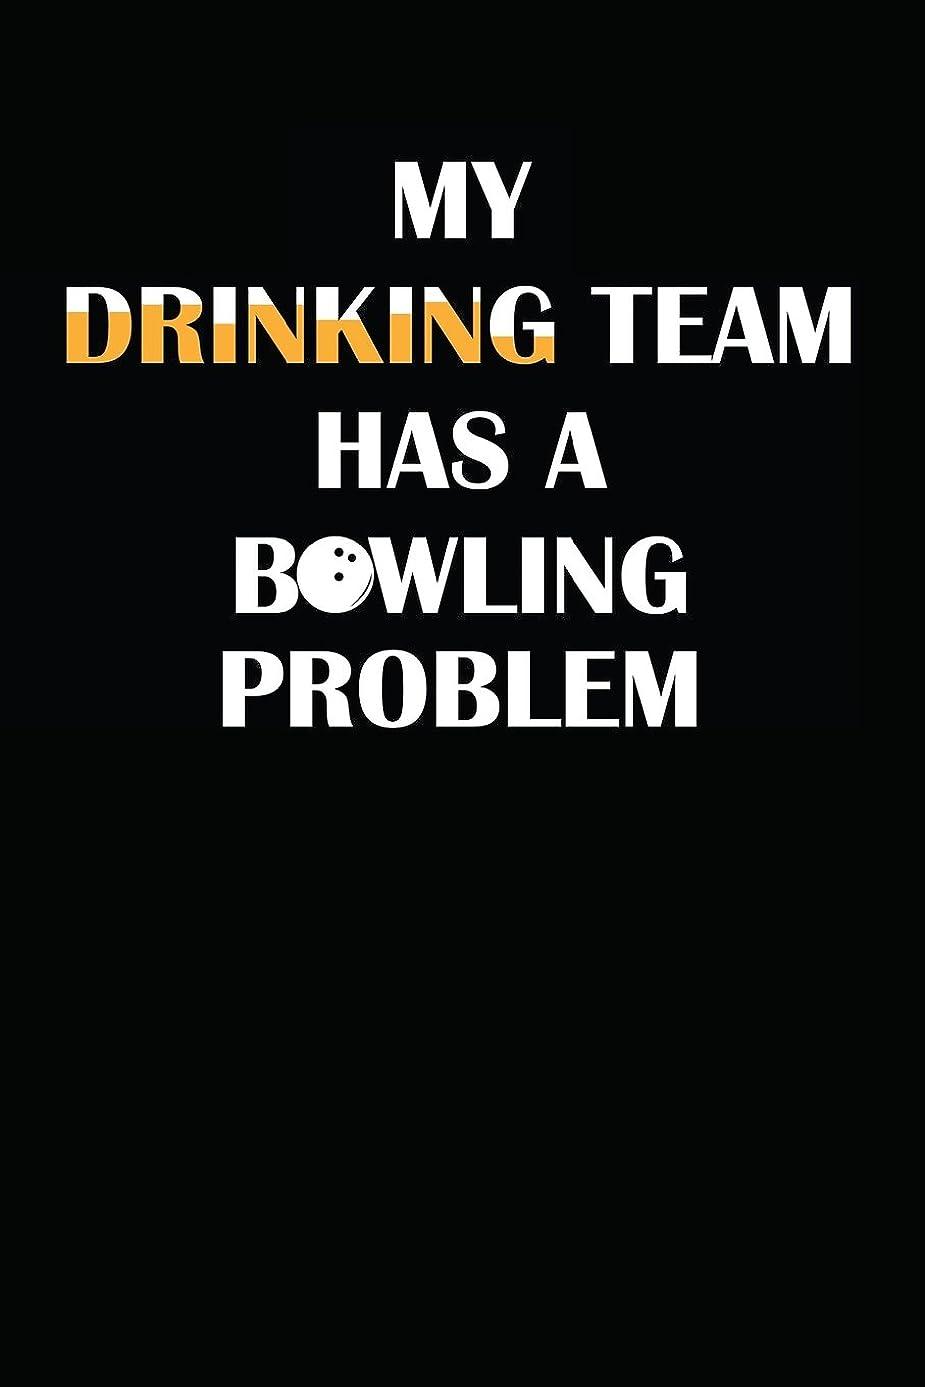 余分な吸収するママMy Drinking Team Has A Bowling Problem: Notebook / Journal / 110 Lined Pages